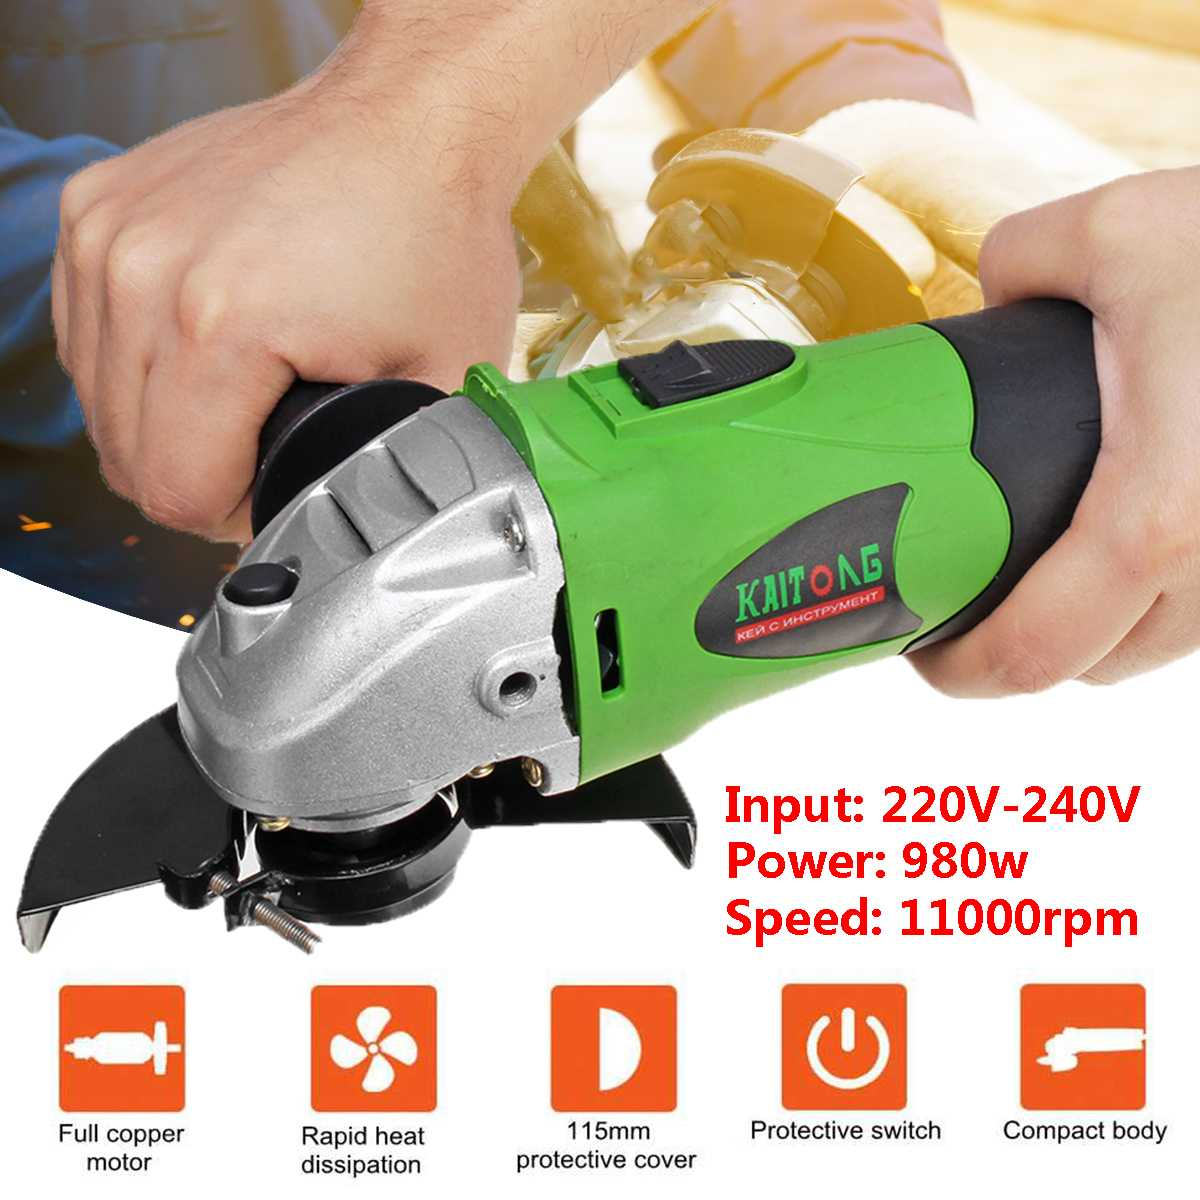 Outil de coupe en métal 980 W meuleuse d'angle électrique 115-125mm rectifieuse 11000 tr/min réglable anti-dérapant prise EU protection puissante